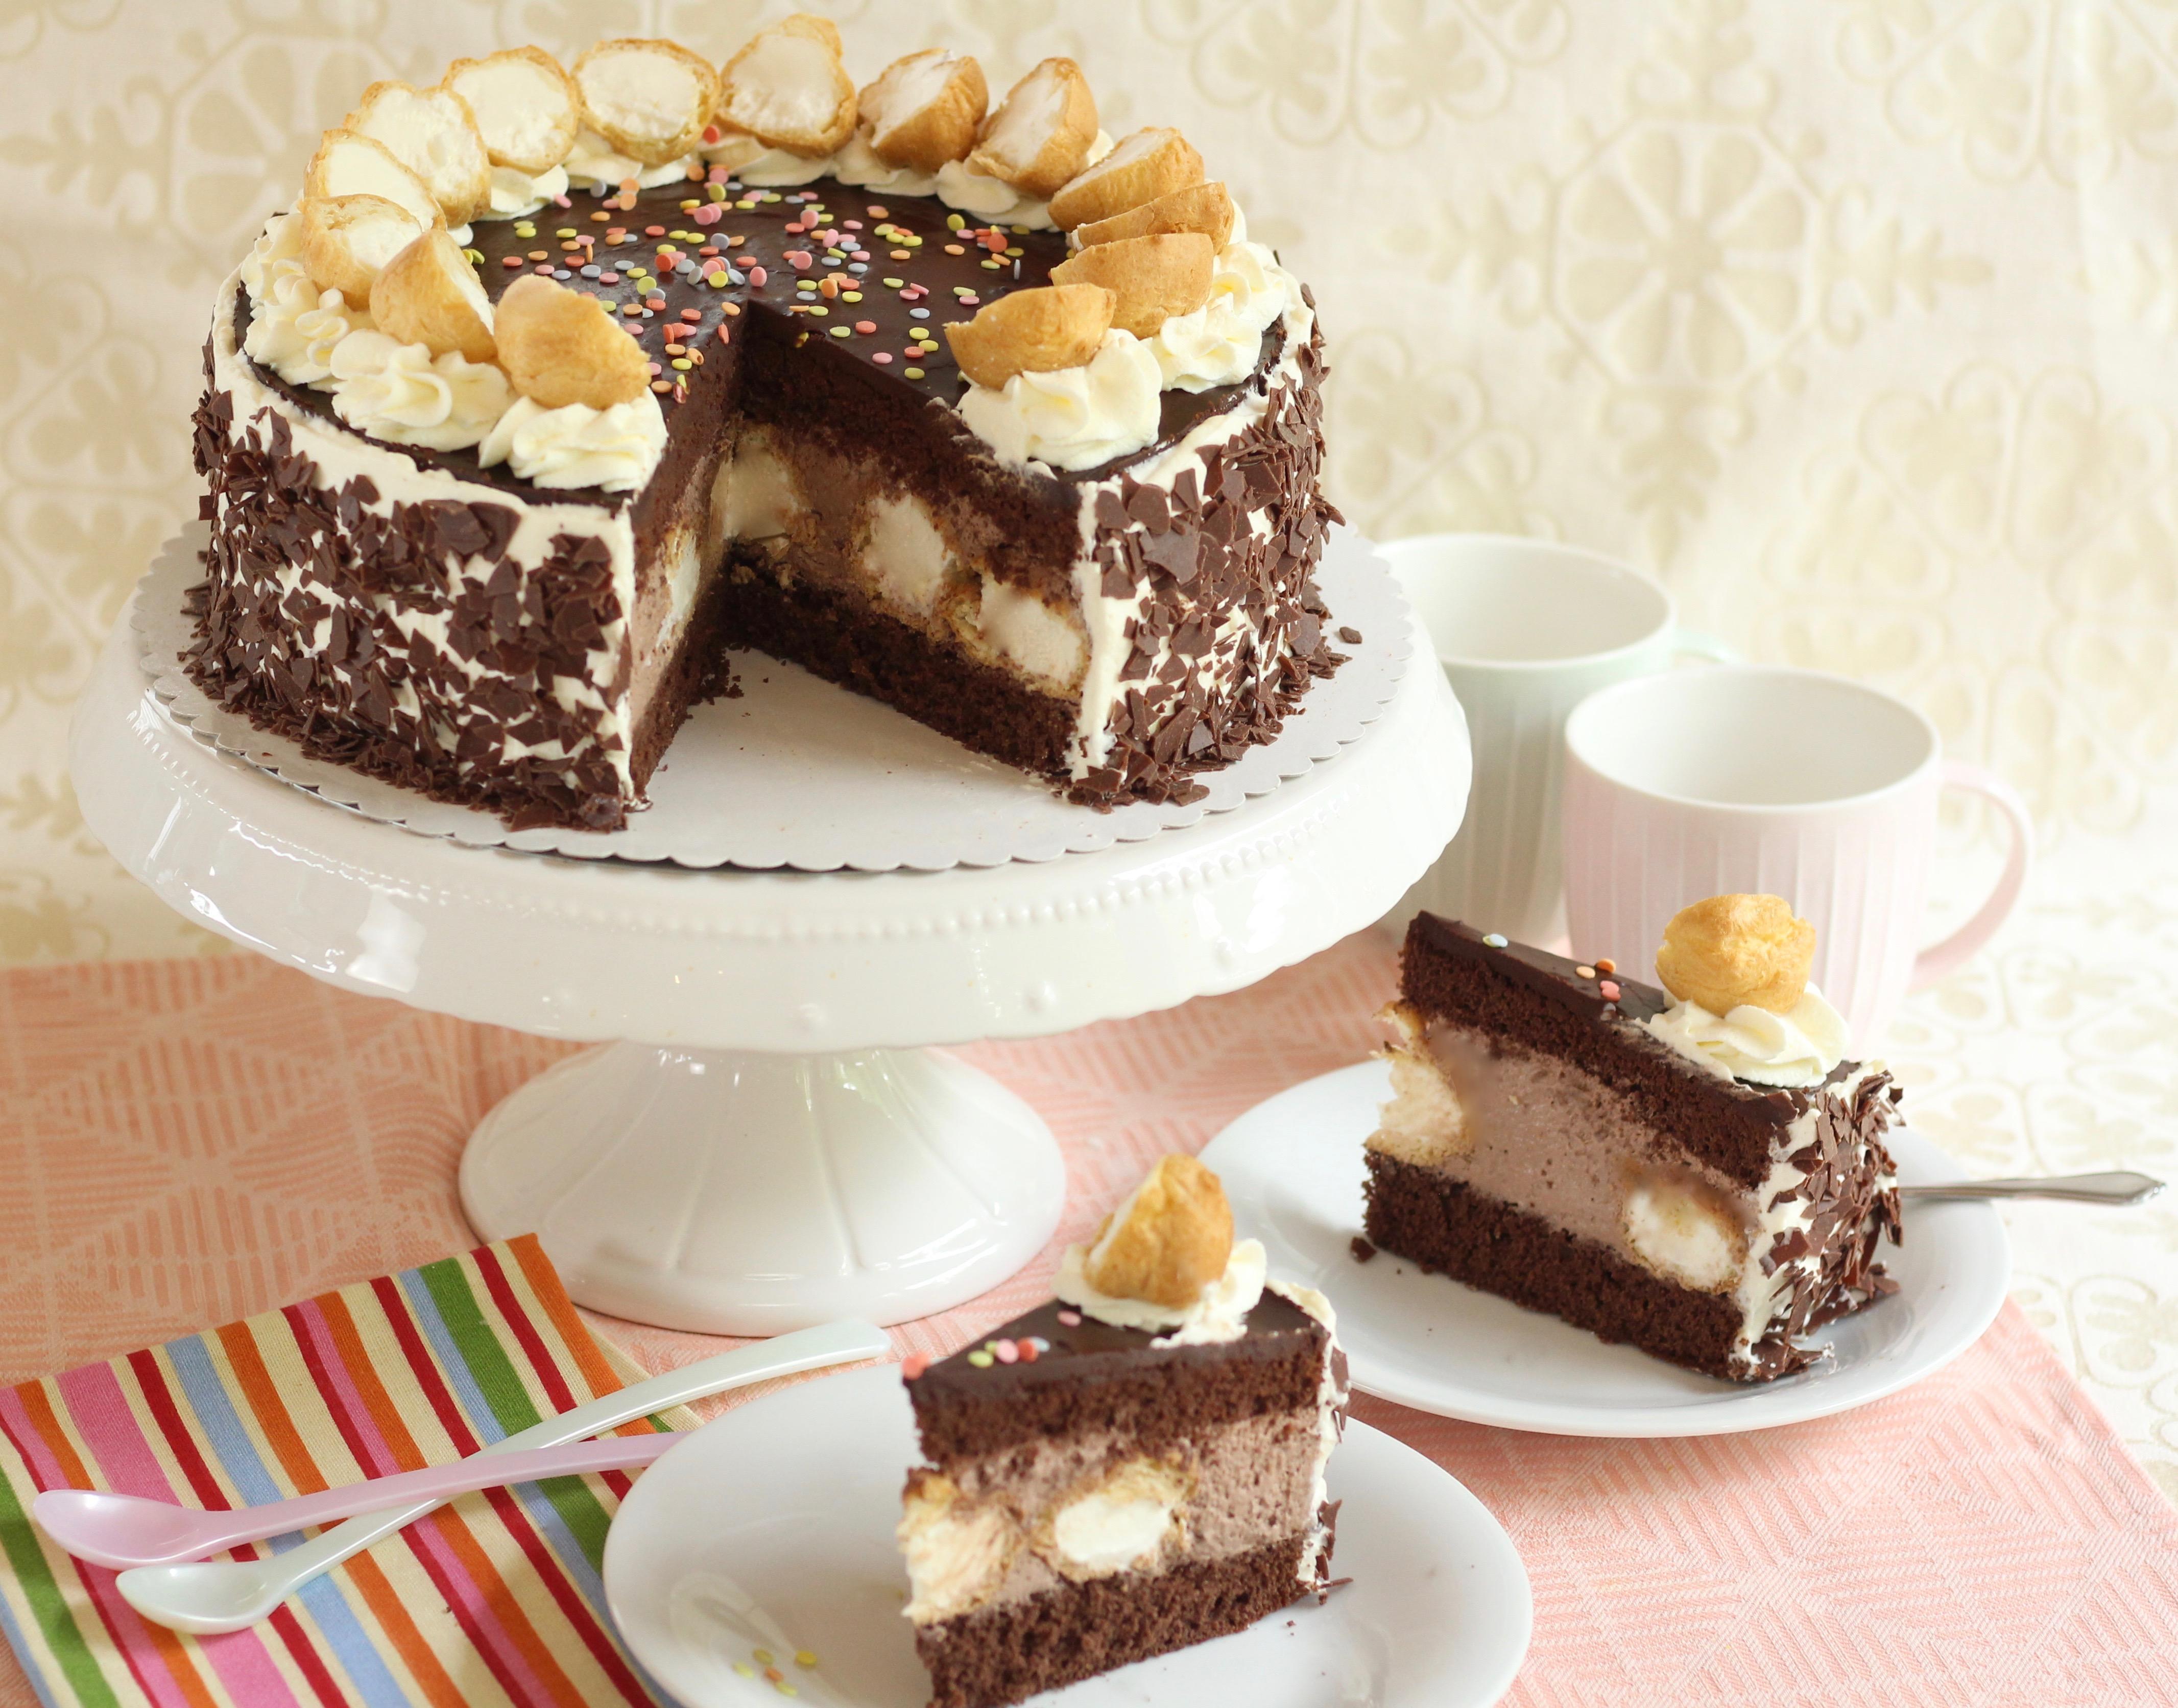 Mega leckere Schoko-Windbeutel-Torte | Rezept und Video von Sugarprincess